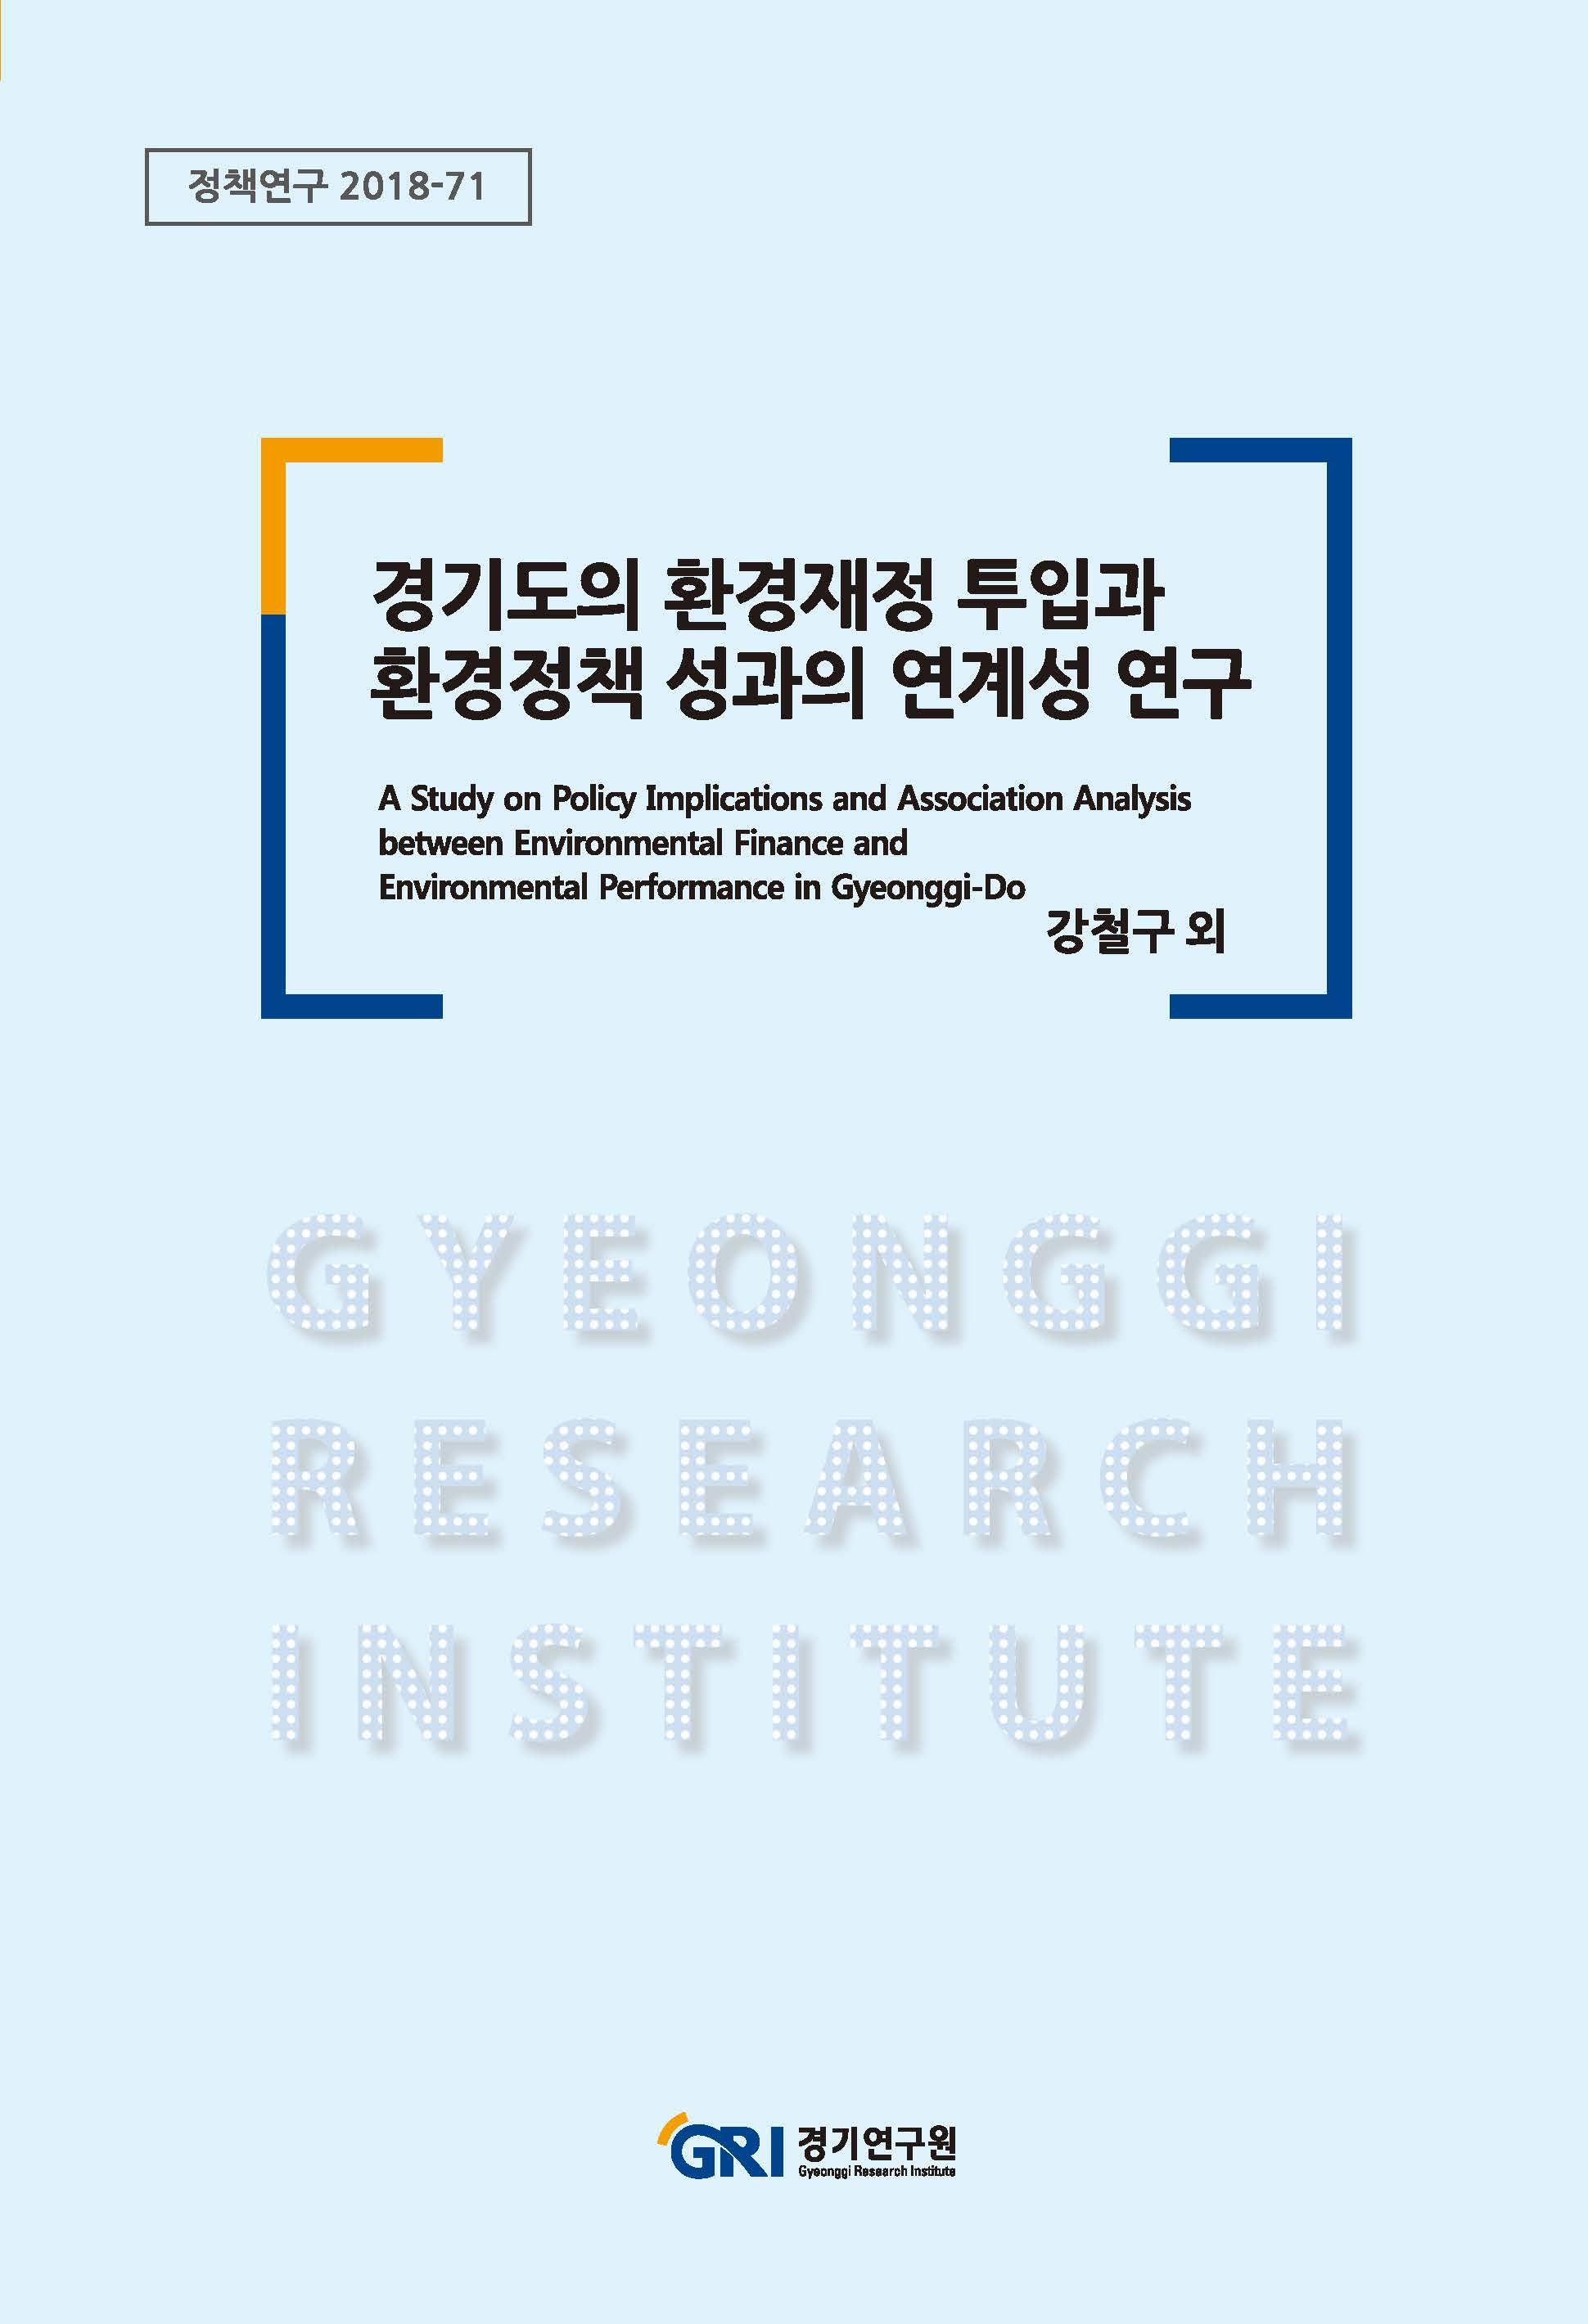 경기도의 환경재정 투입과 환경정책 성과의 연계성 연구